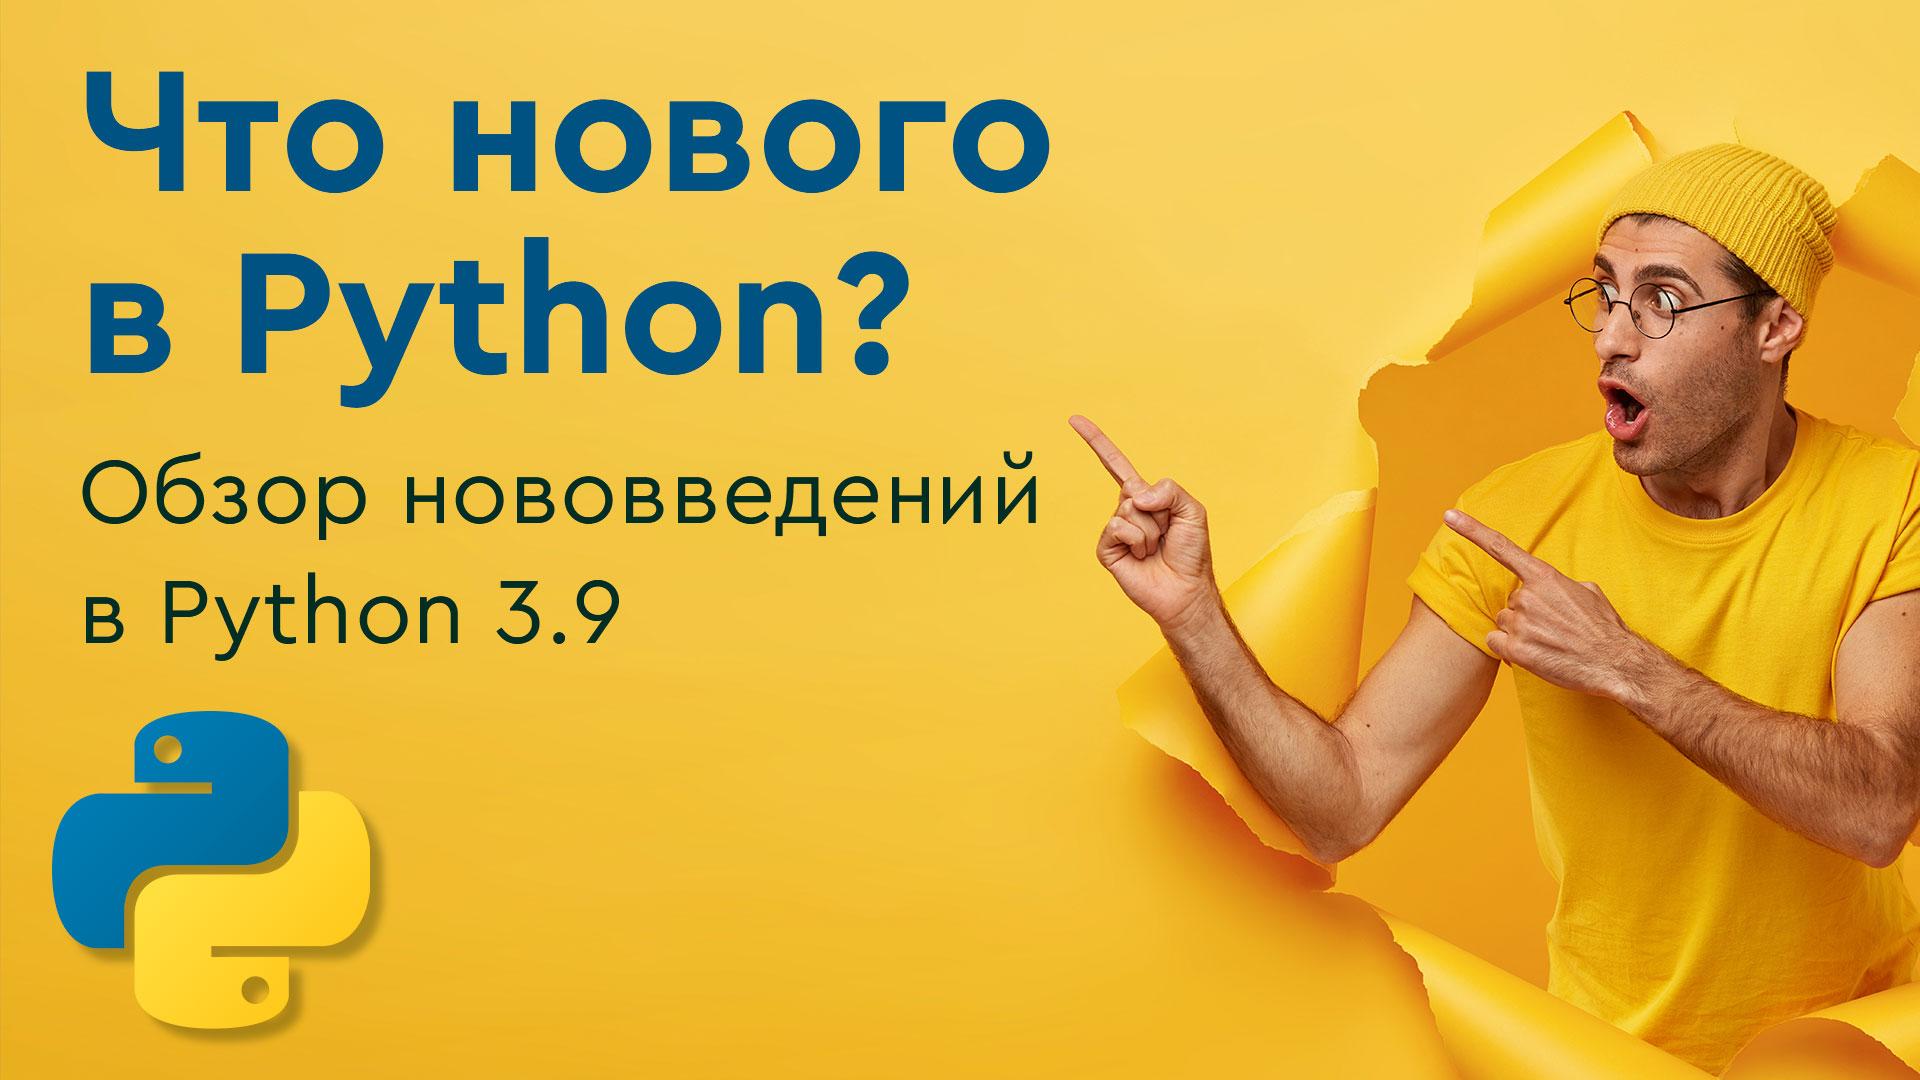 Что нового в Python? Обзор нововведений в Python 3.9